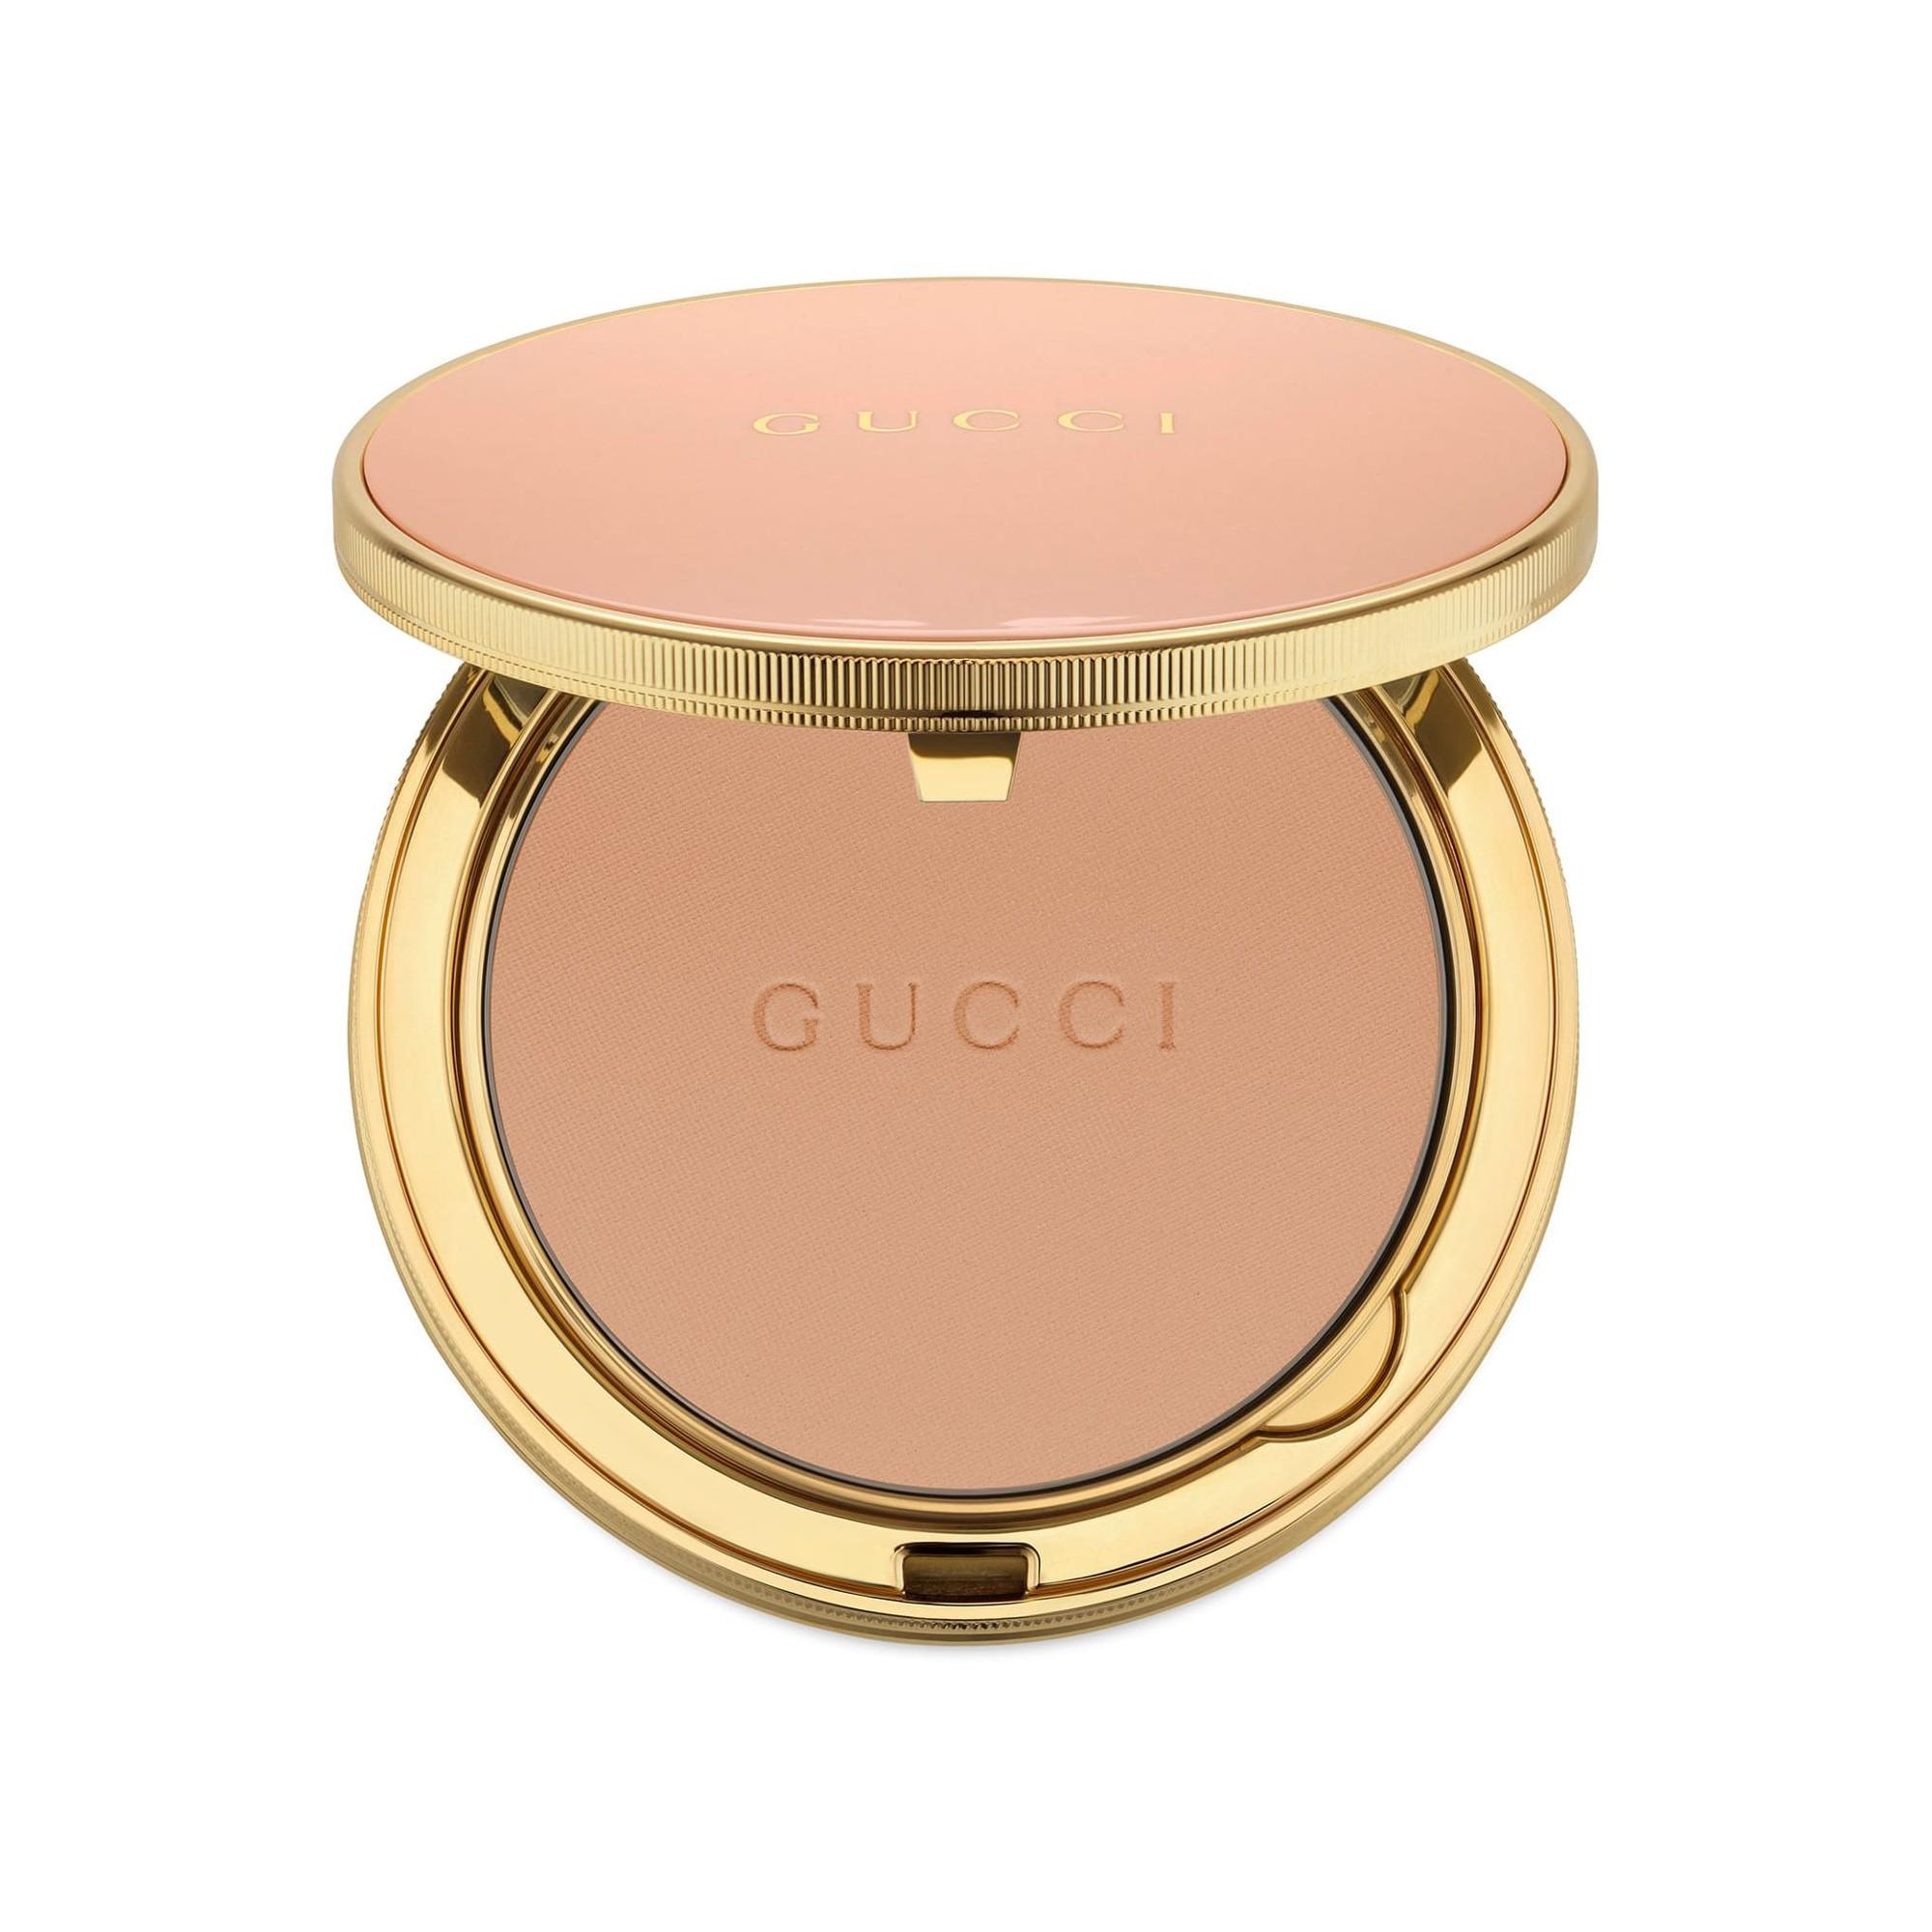 Gucci Poudre De Beauté Matte Compact Powder 04